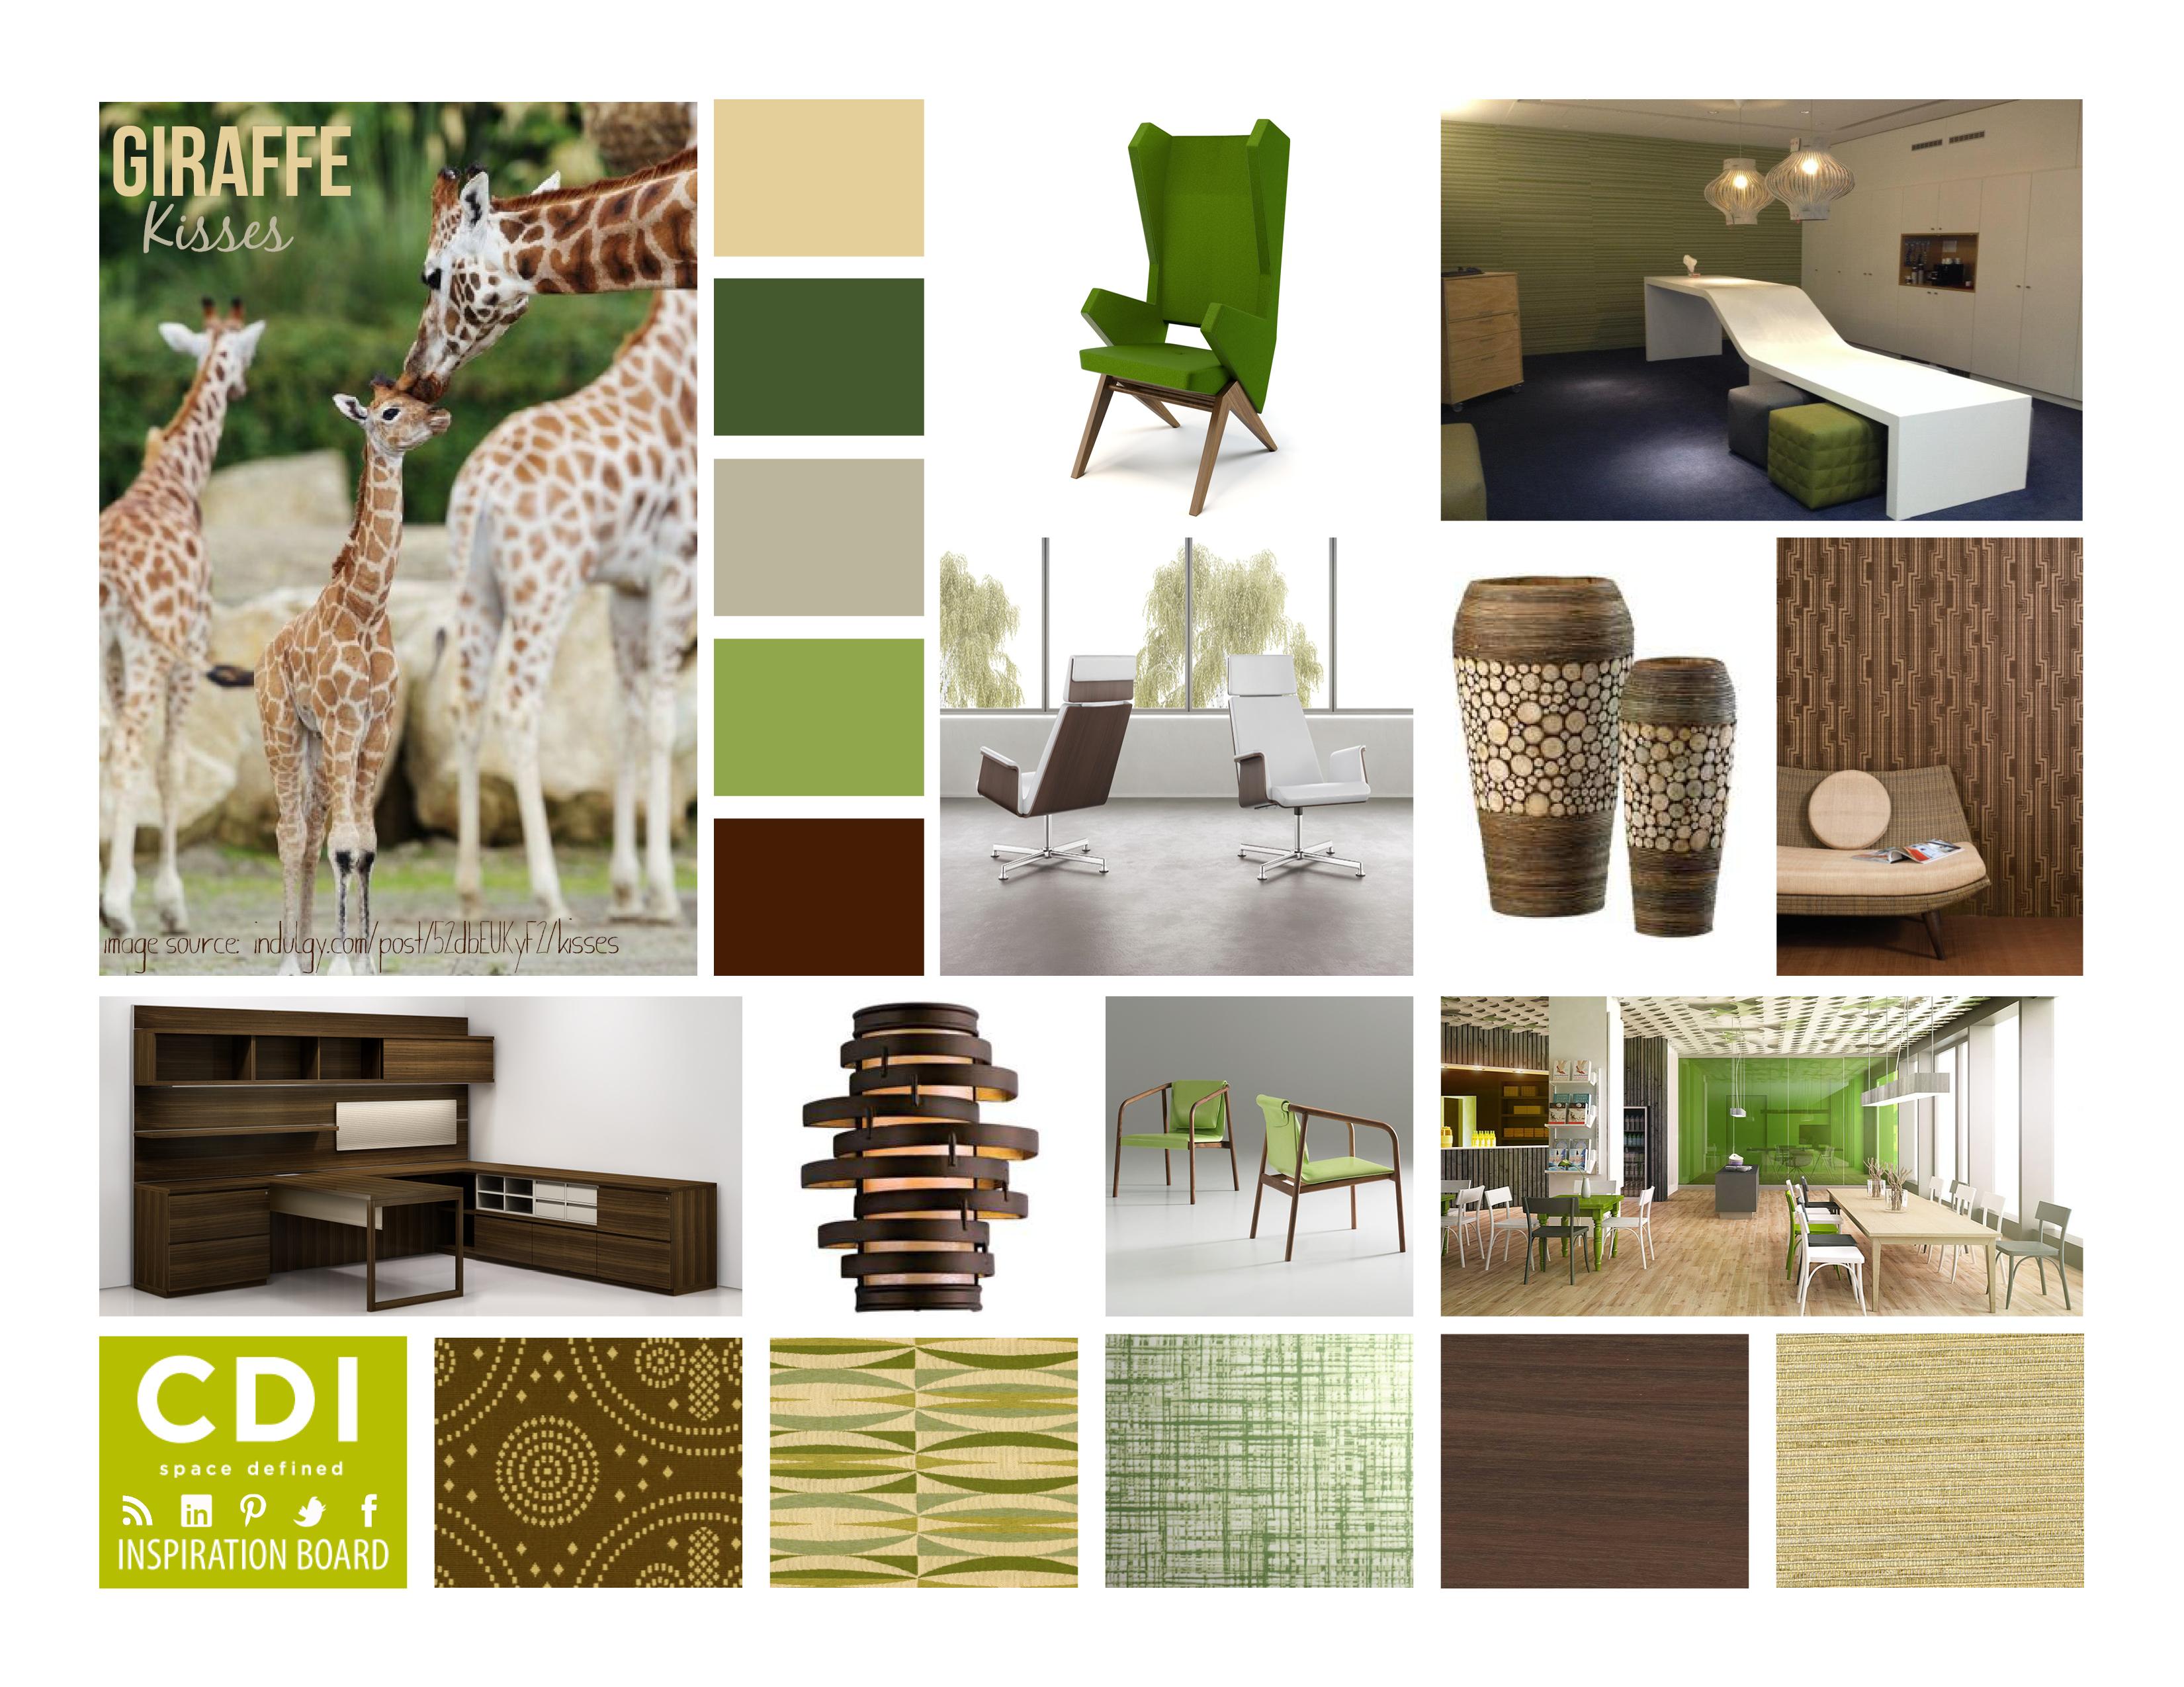 Cdi inspiration board giraffe kisses for Cdi interior design